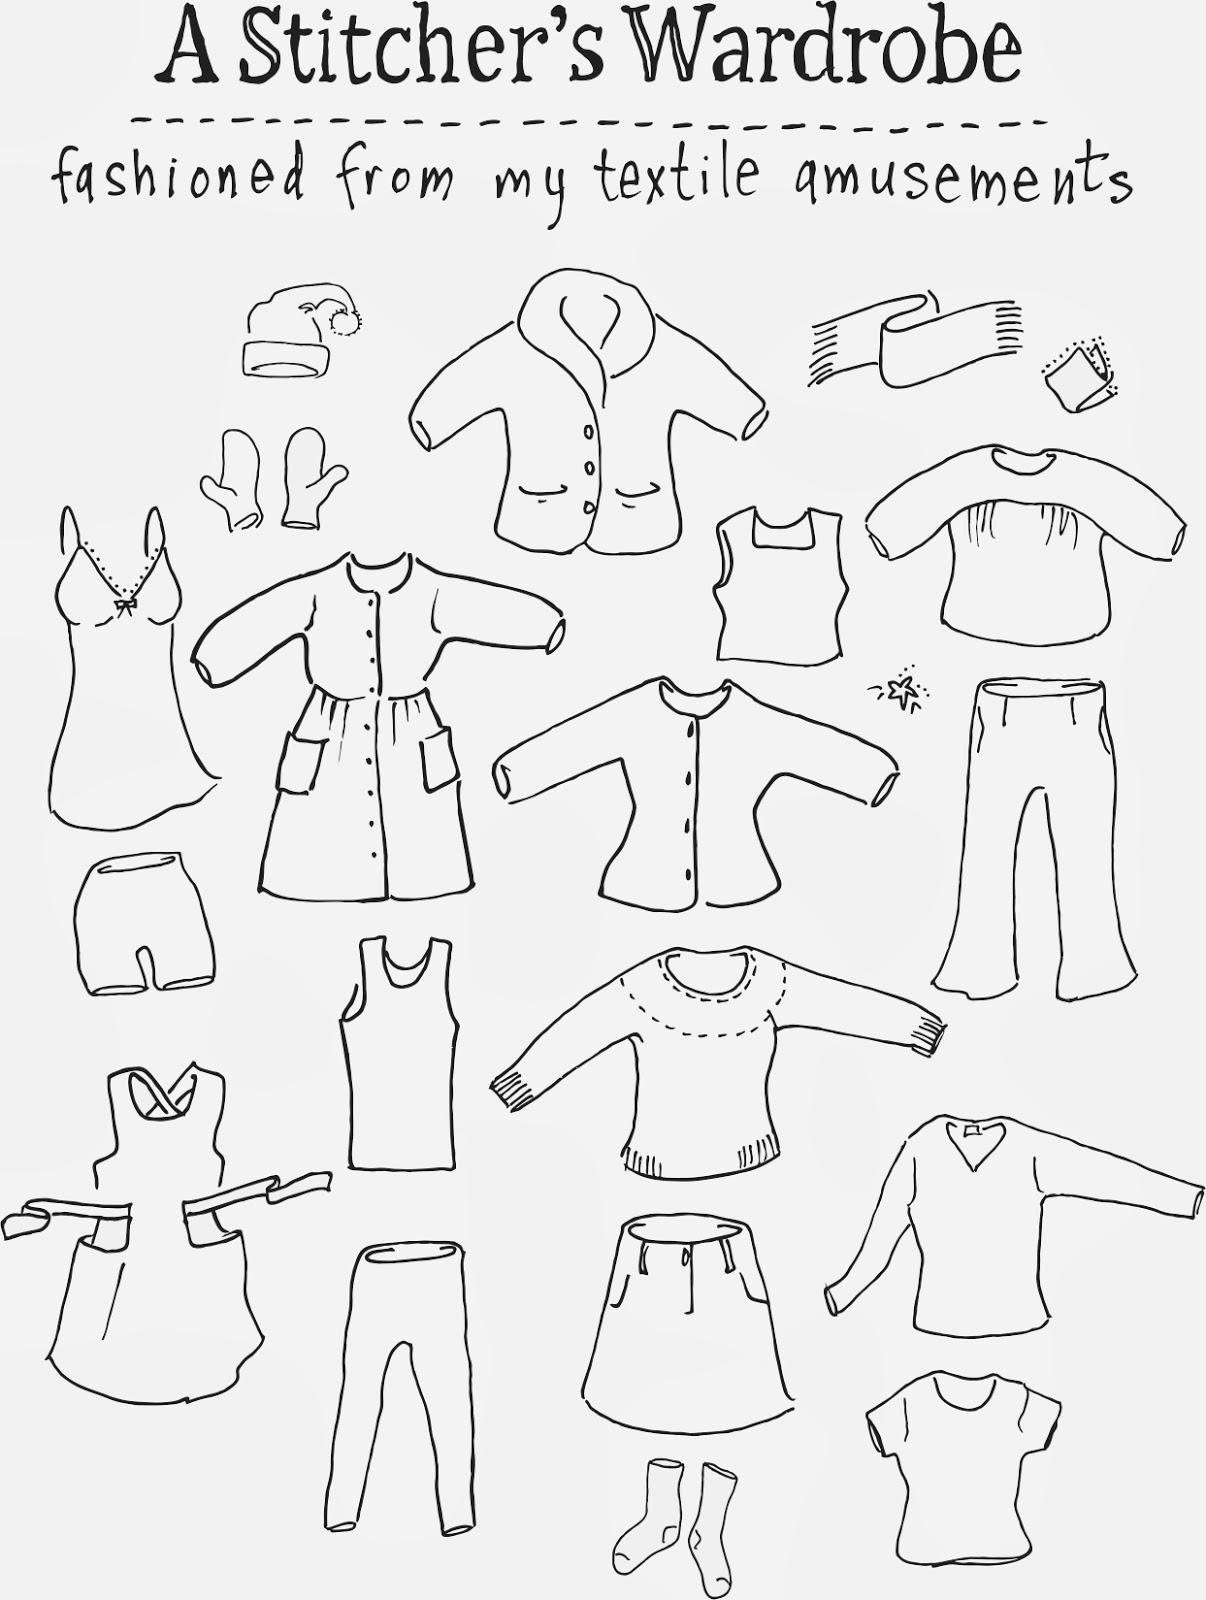 Odacier, Ellen Mason Design: A Stitcher's Wardrobe